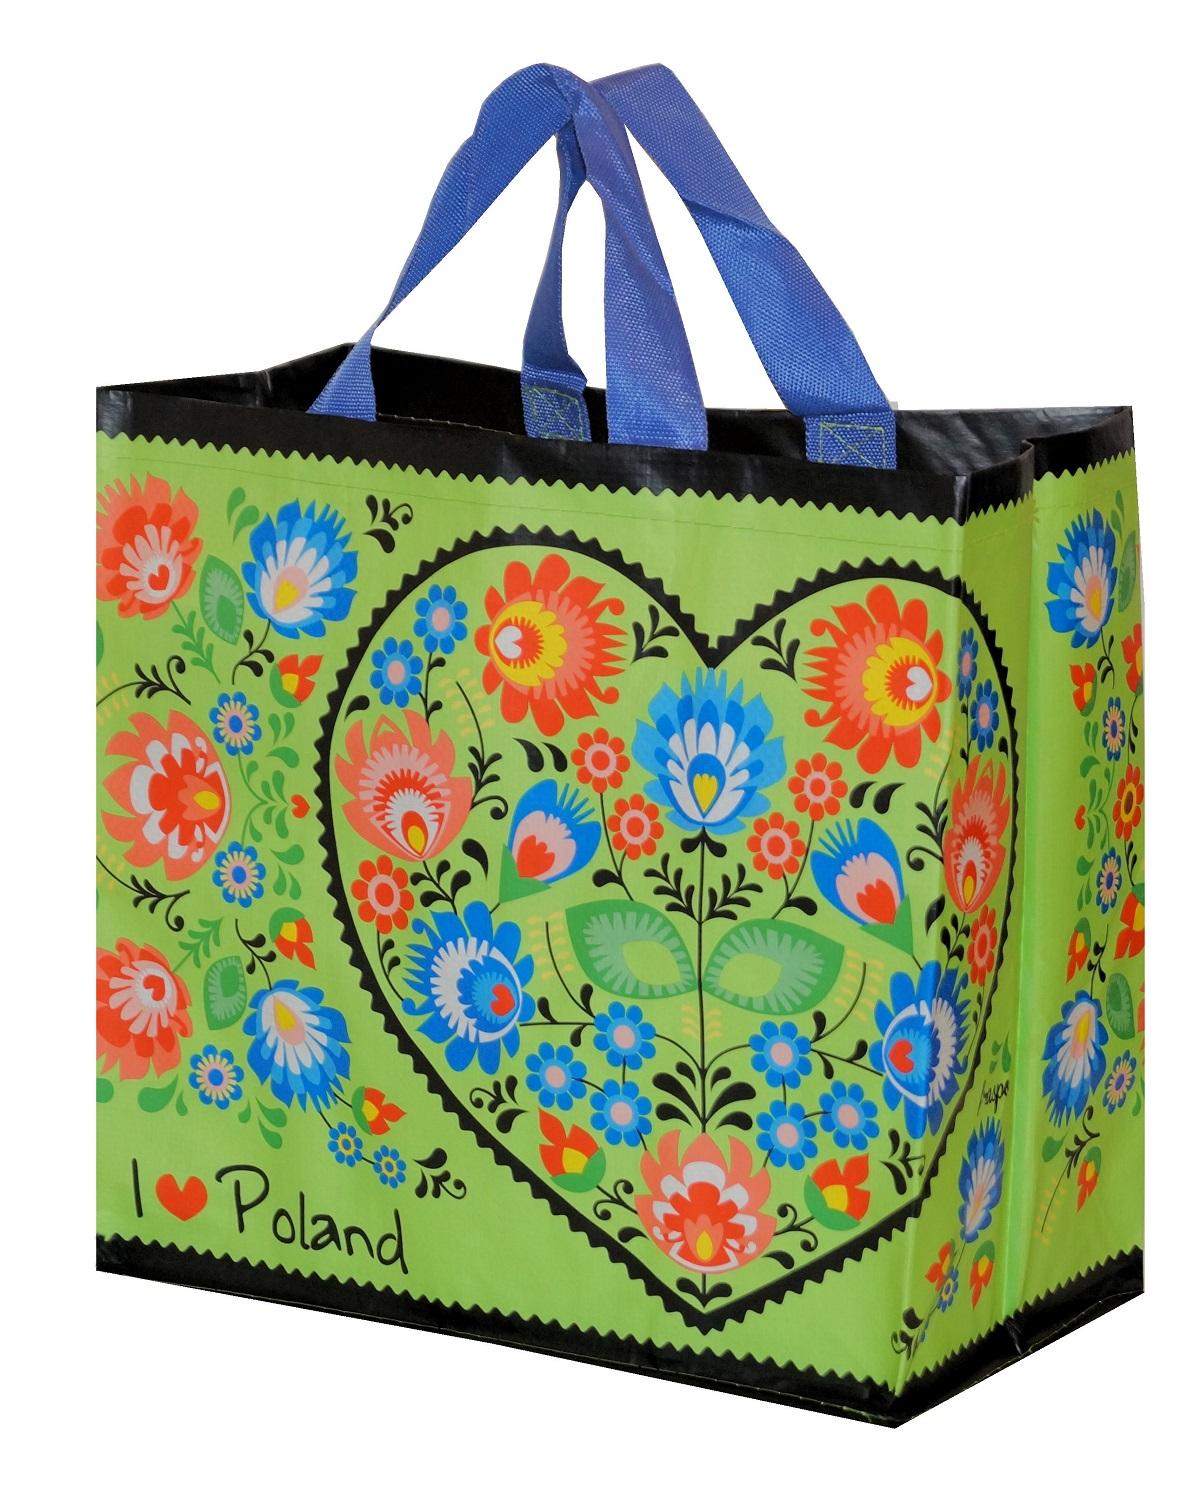 db0b1b0da52e5 TORBY FOLK - I LOVE POLAND - torebki na zakupy 6988045977 - Allegro.pl